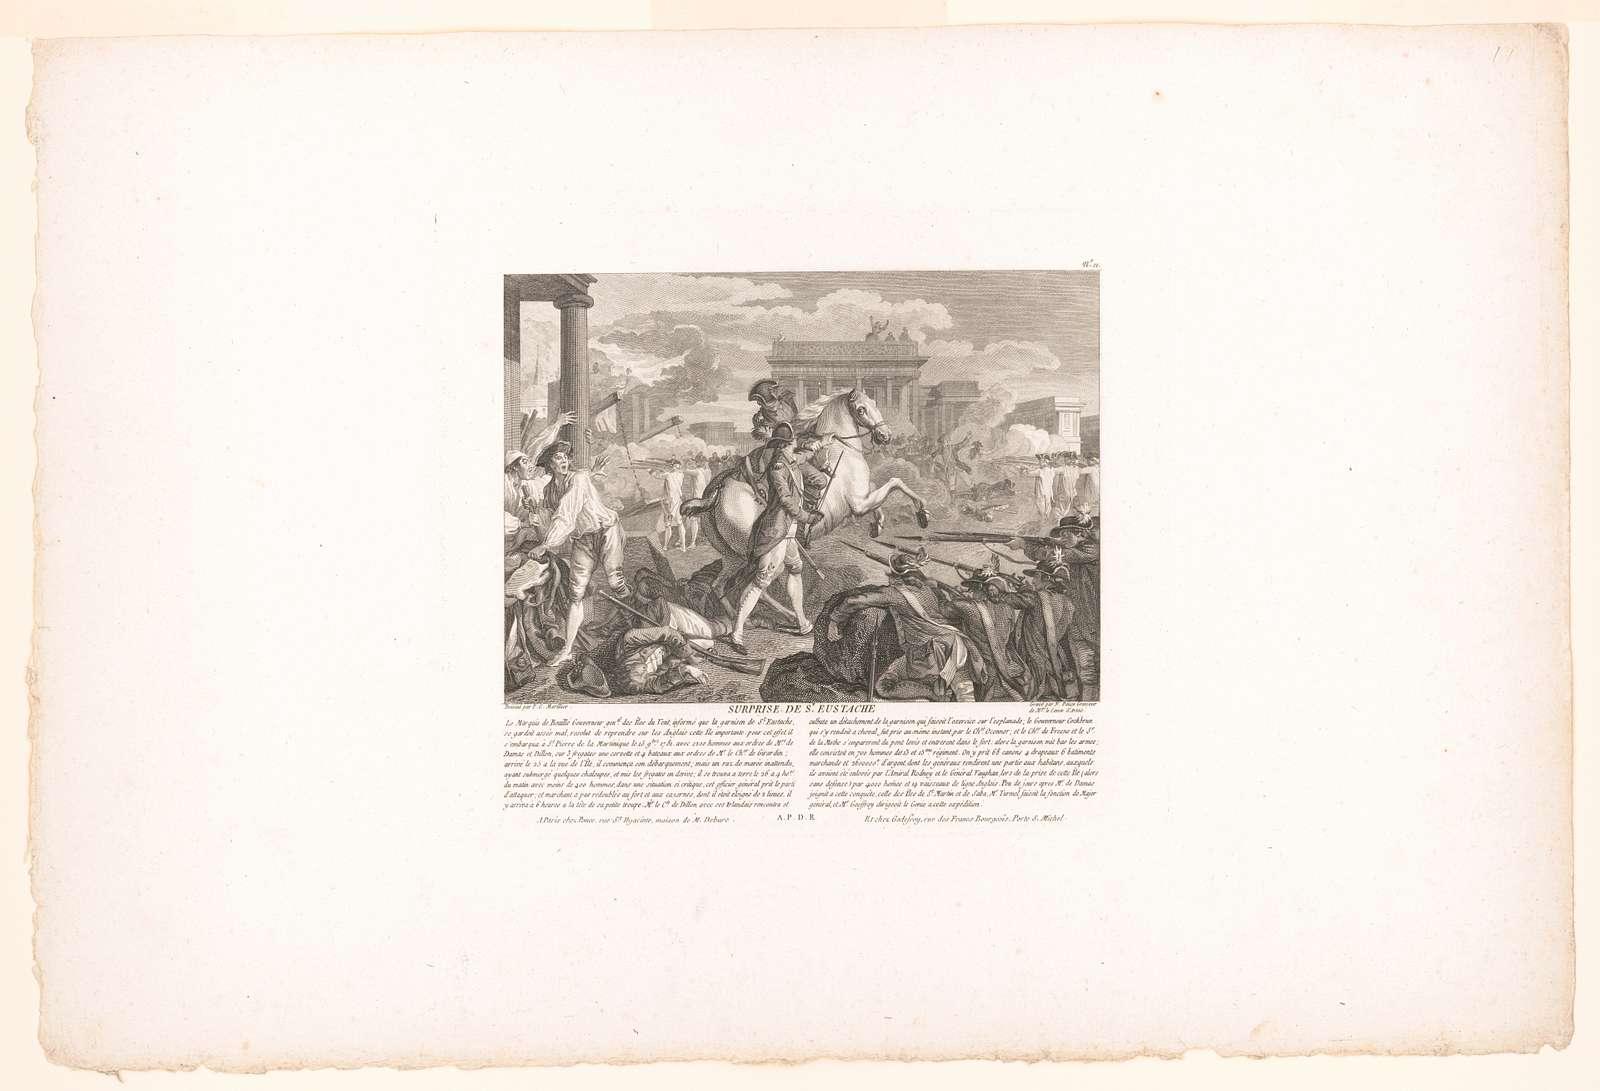 Suprise de St. Eustache dessiné par P.C. Marillier ; gravé par N. Ponce, Graveur de Mgr. le Comte d'Artois